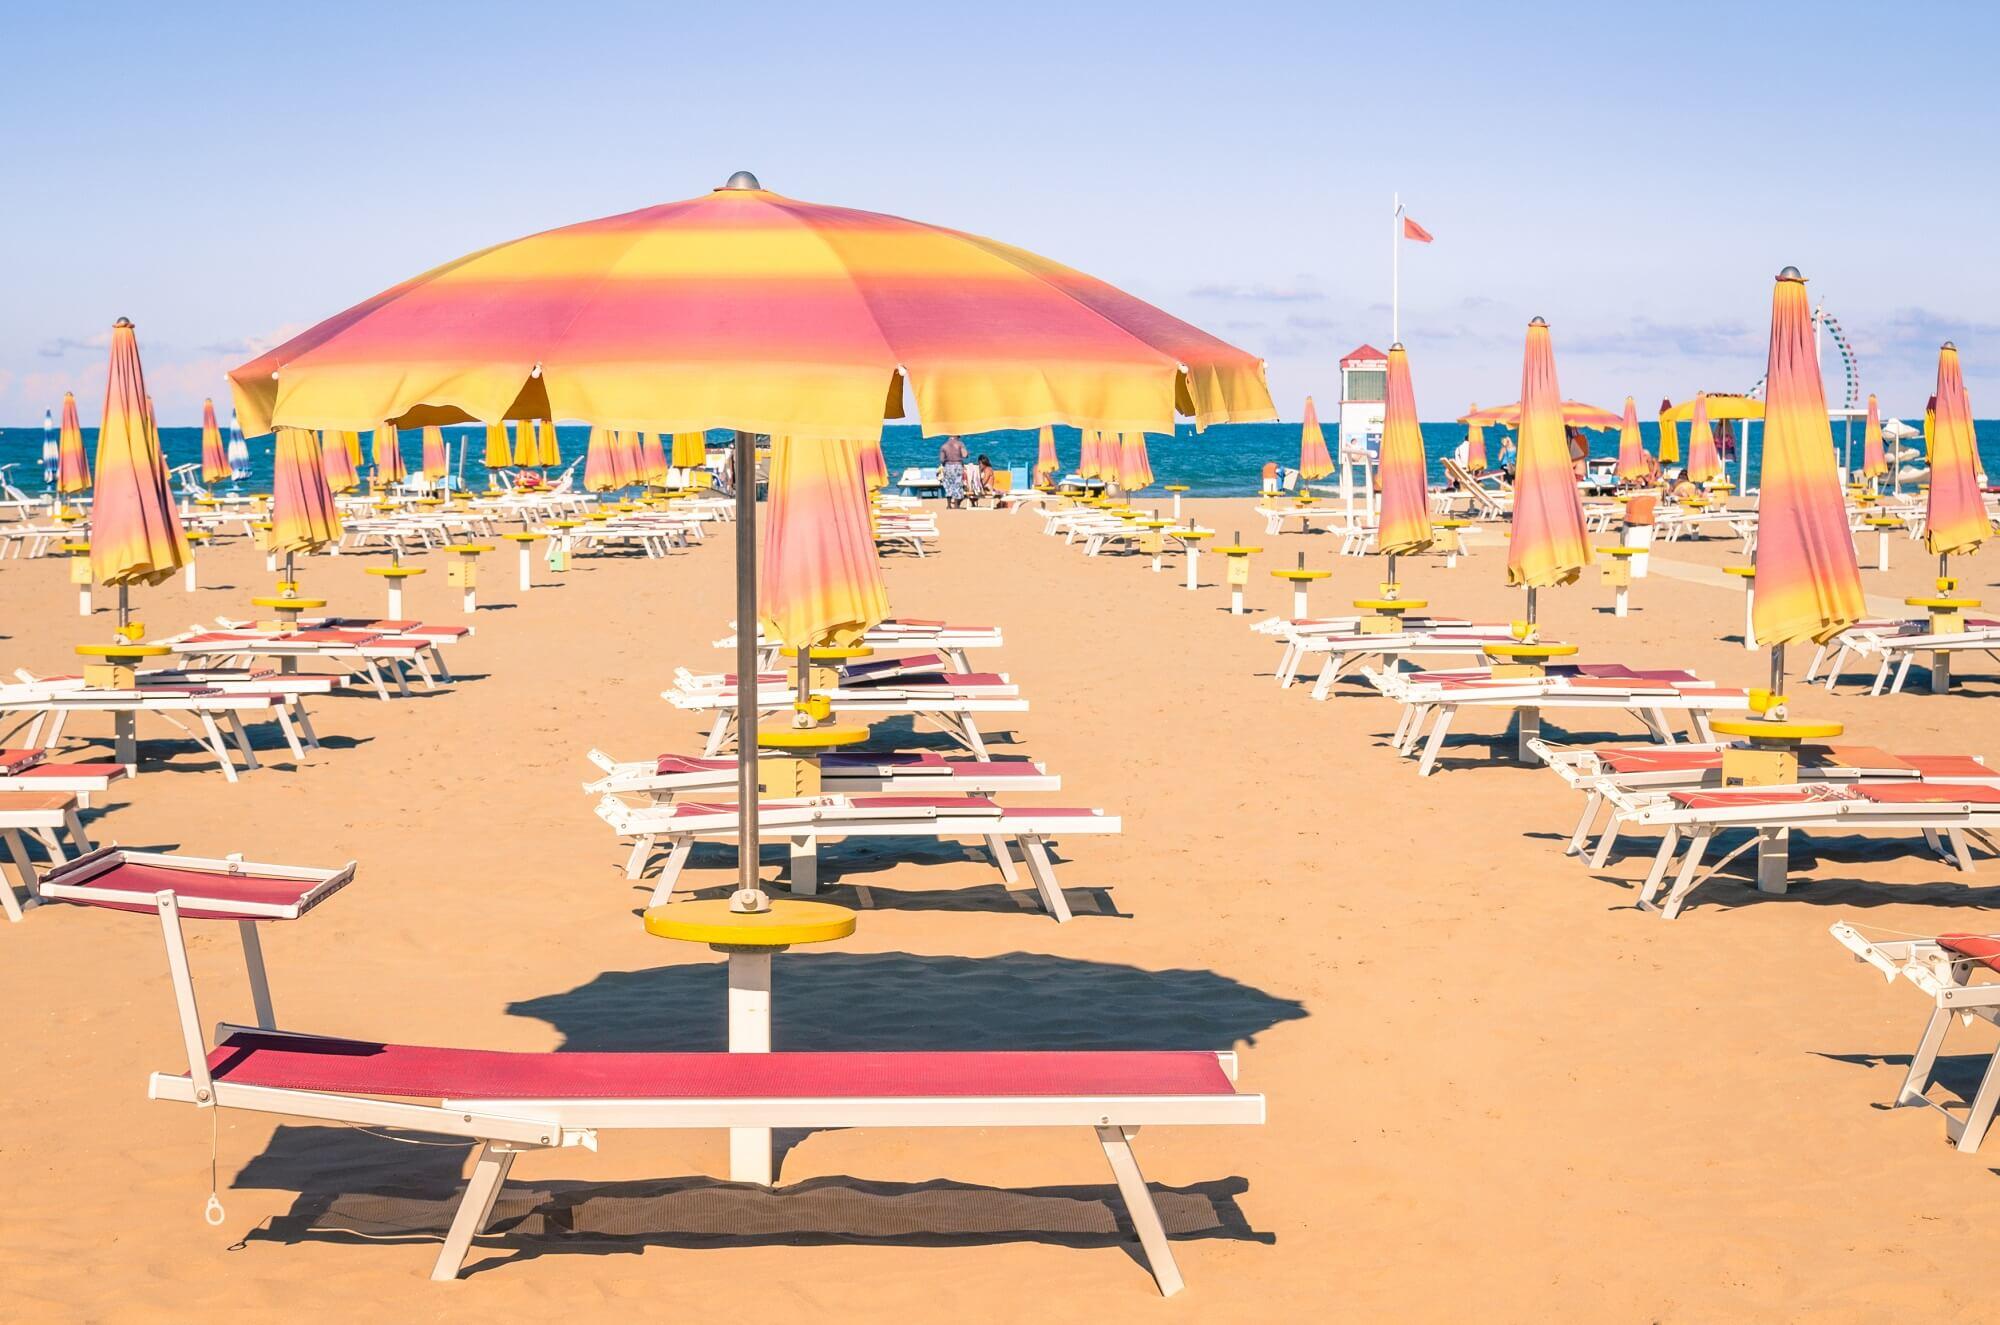 ombrelloni_spiagge_vacanze_riviera_estate_mare